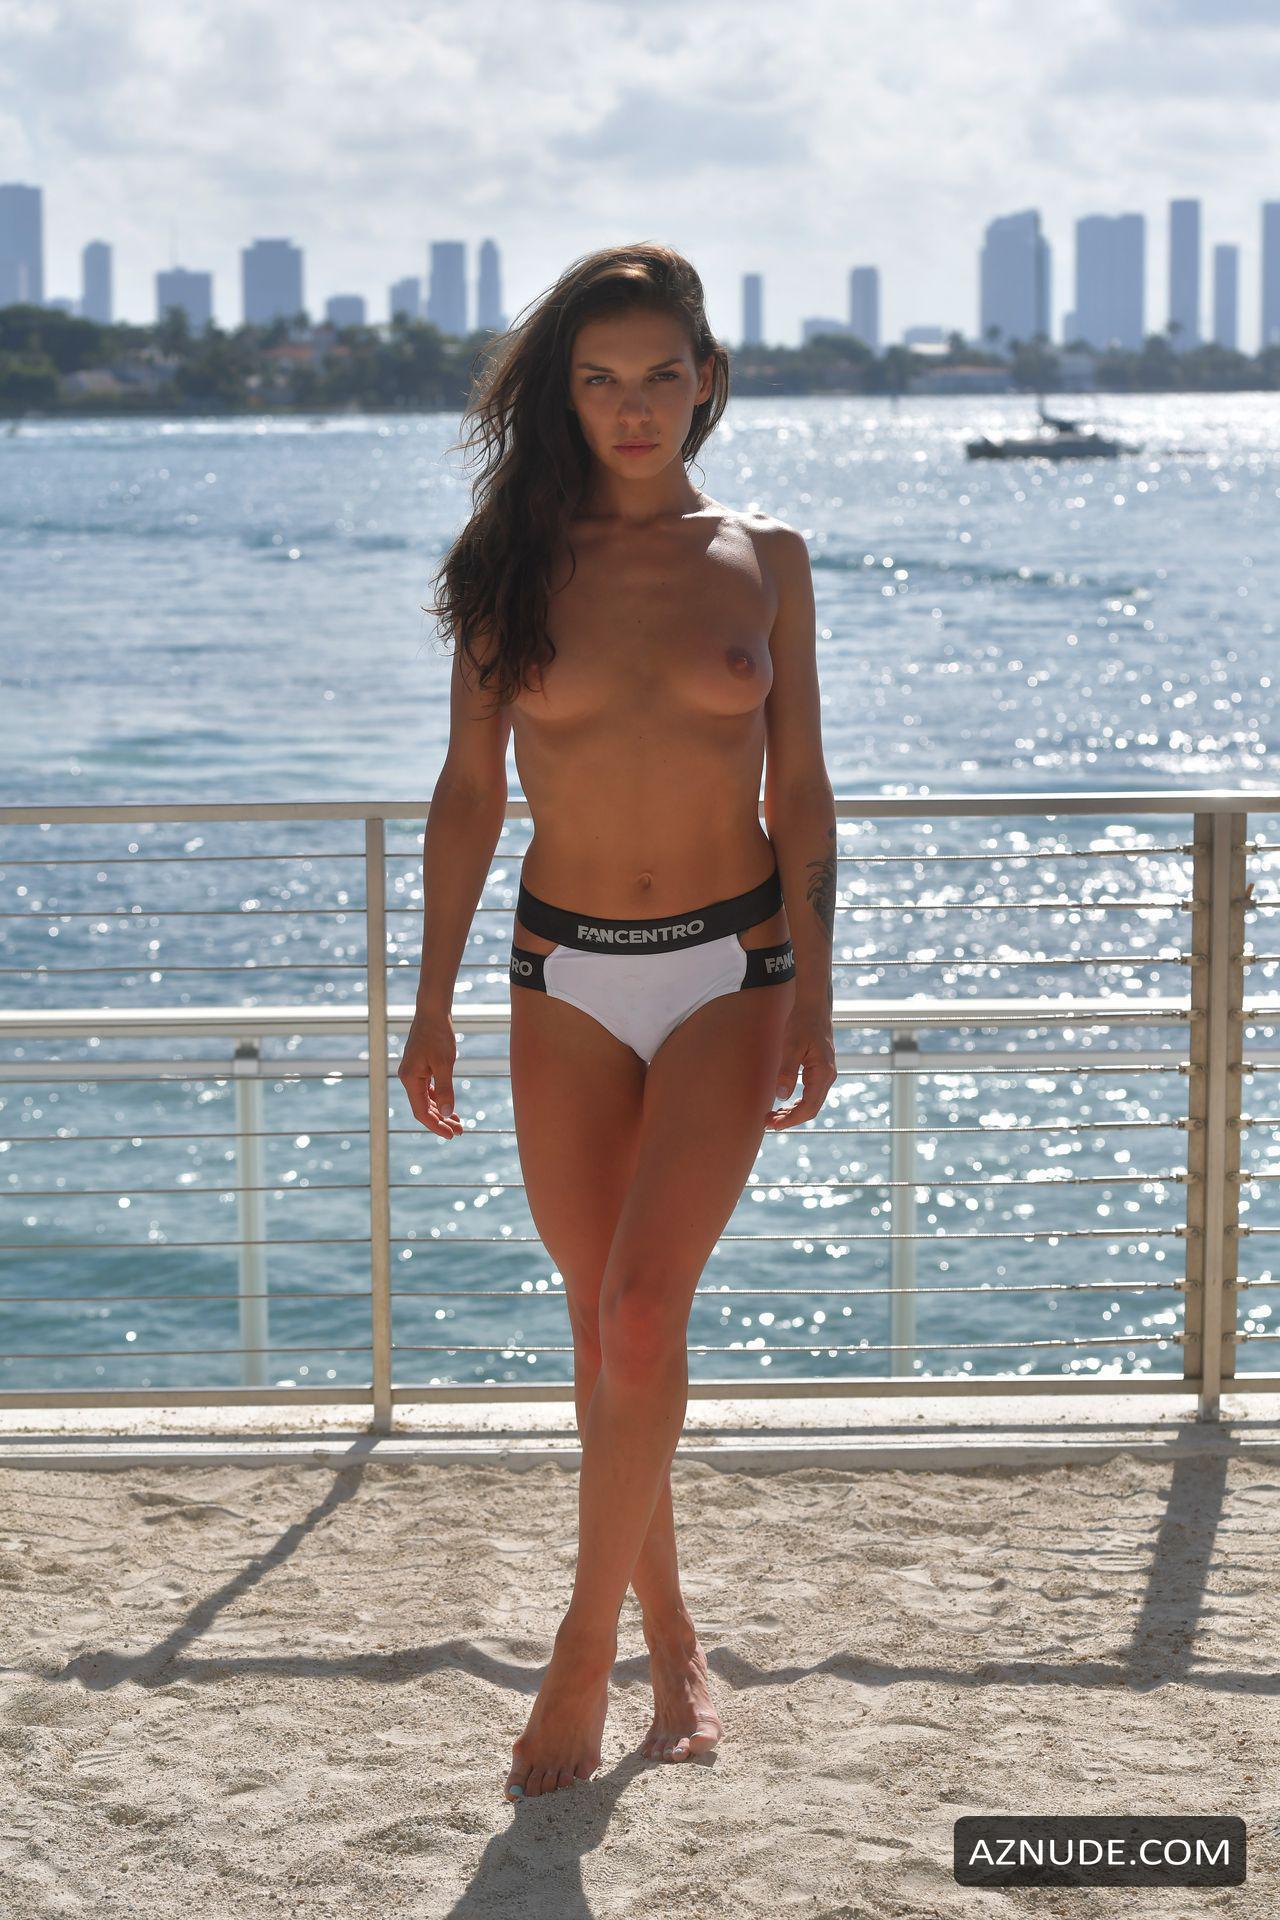 Alina Henessy Porn alina henessy nude - aznude